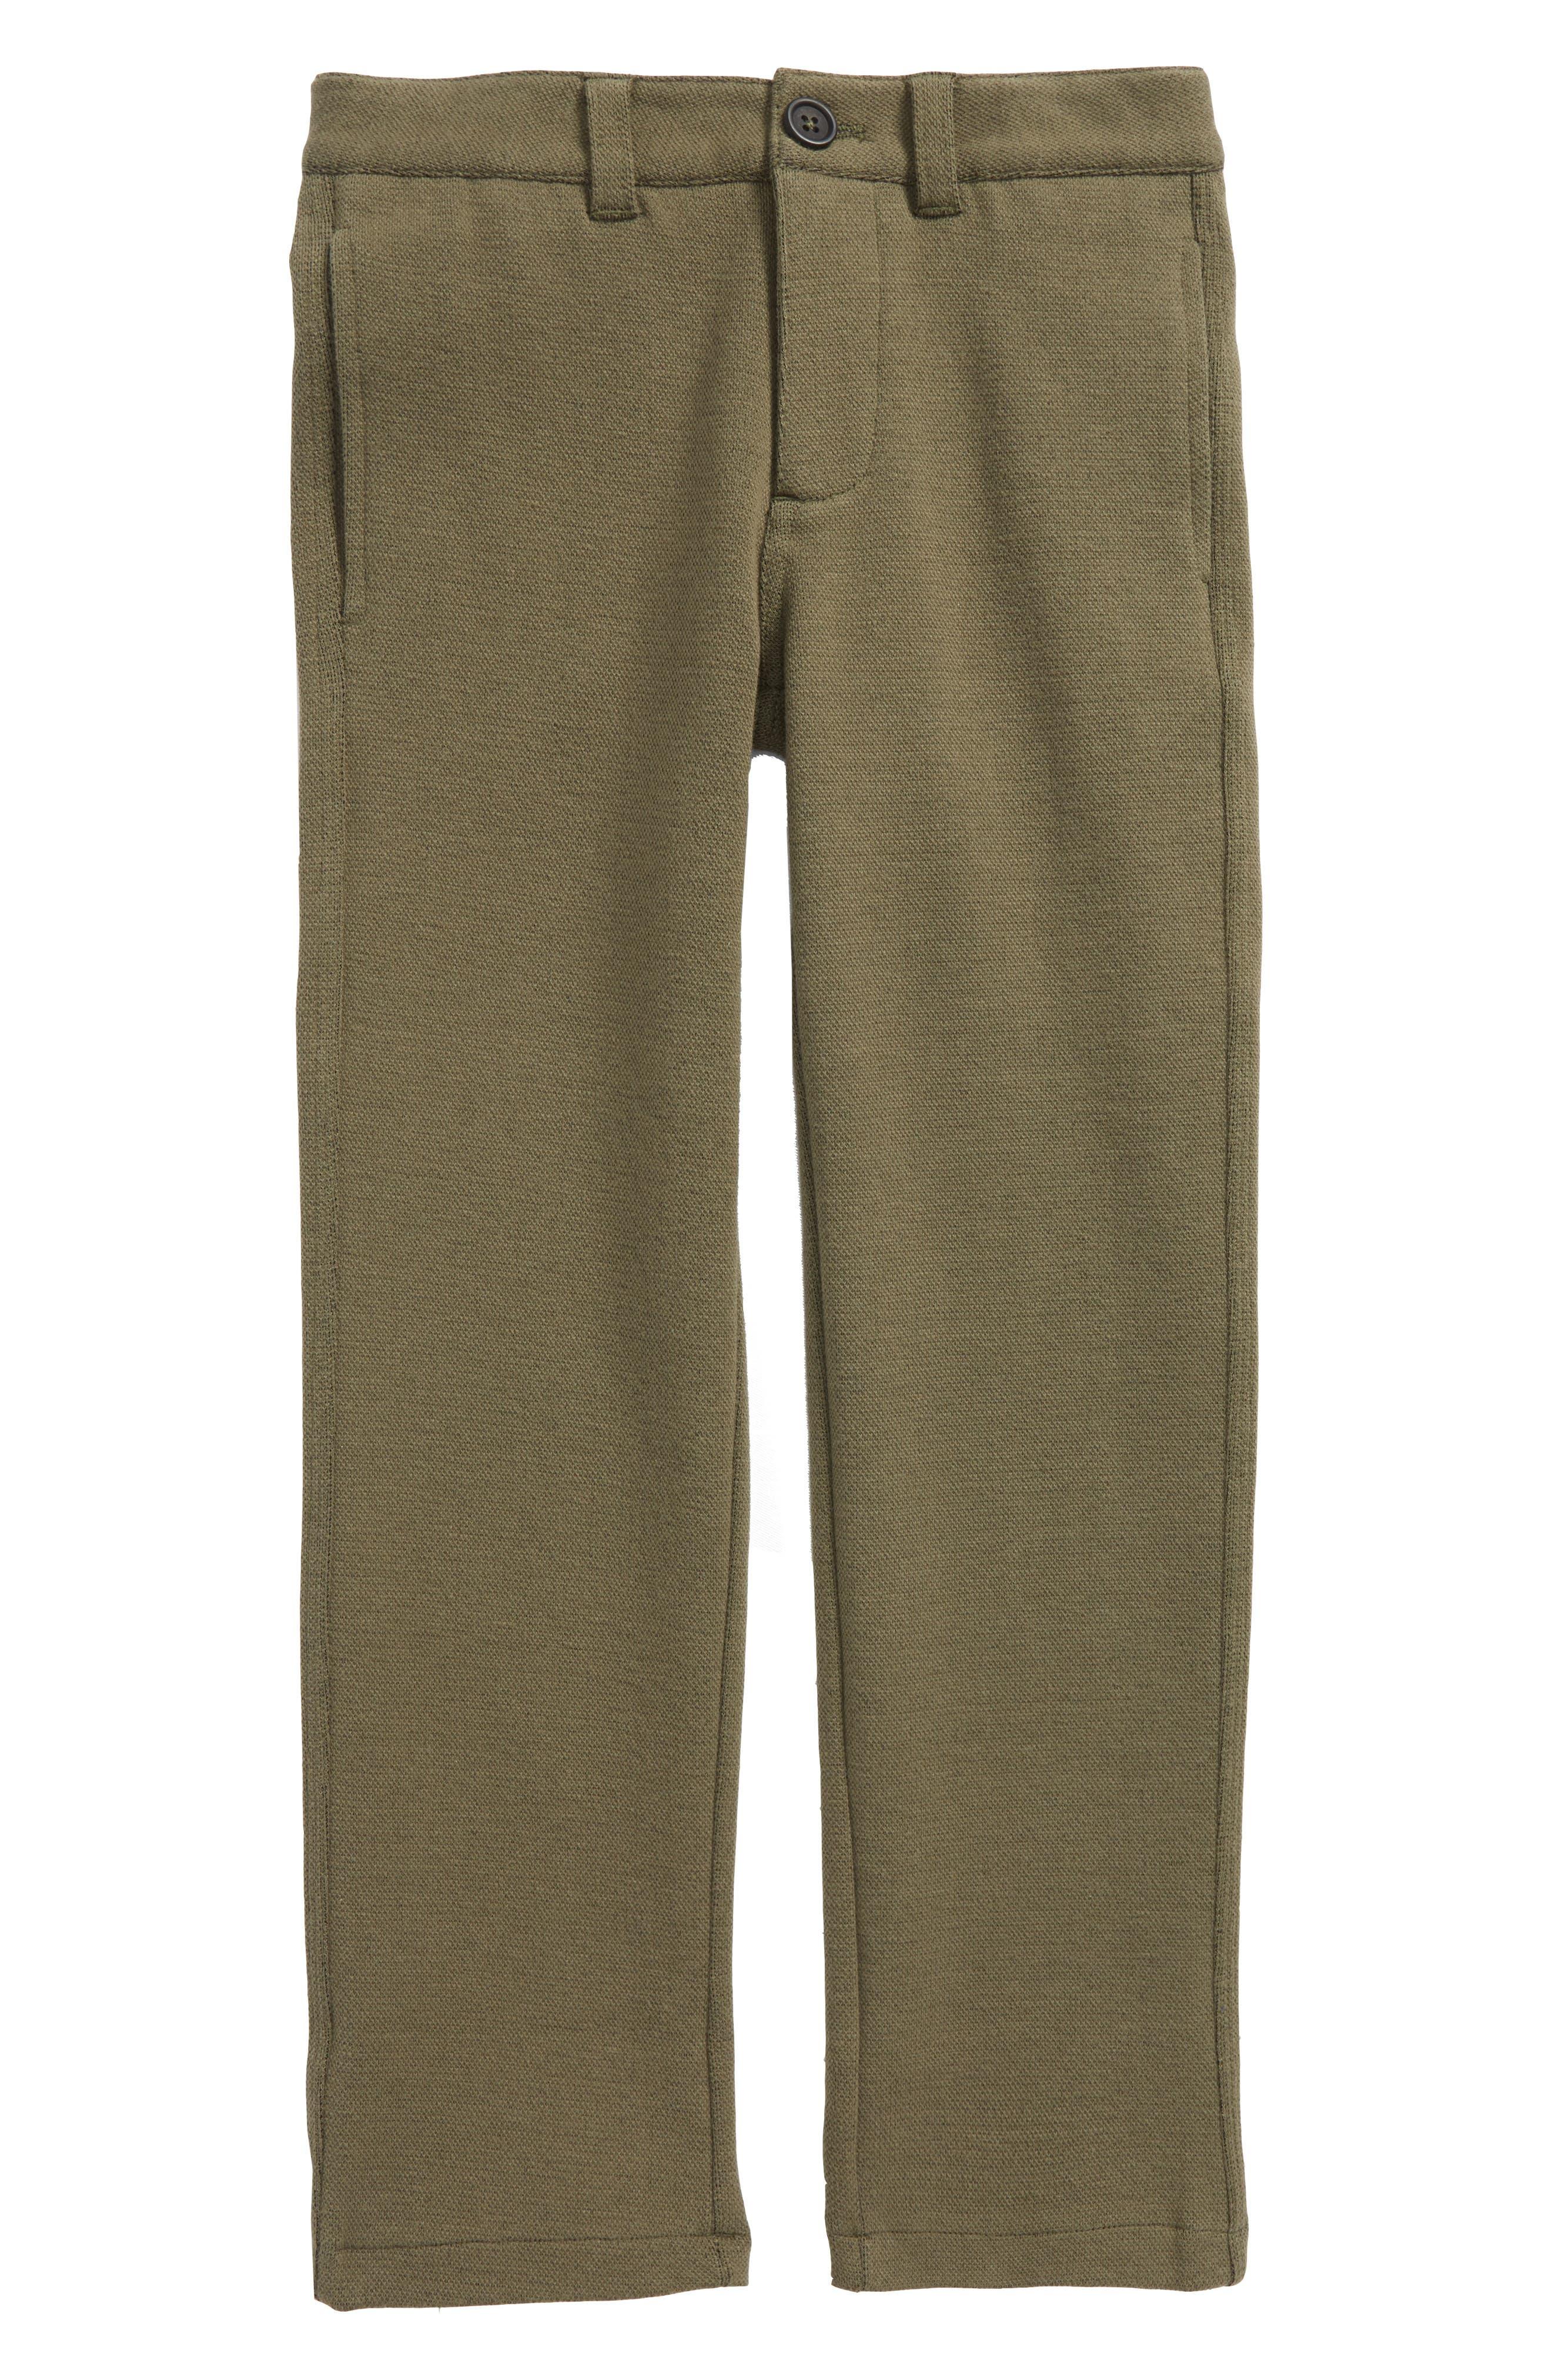 Jersey Chino Pants,                             Main thumbnail 1, color,                             304